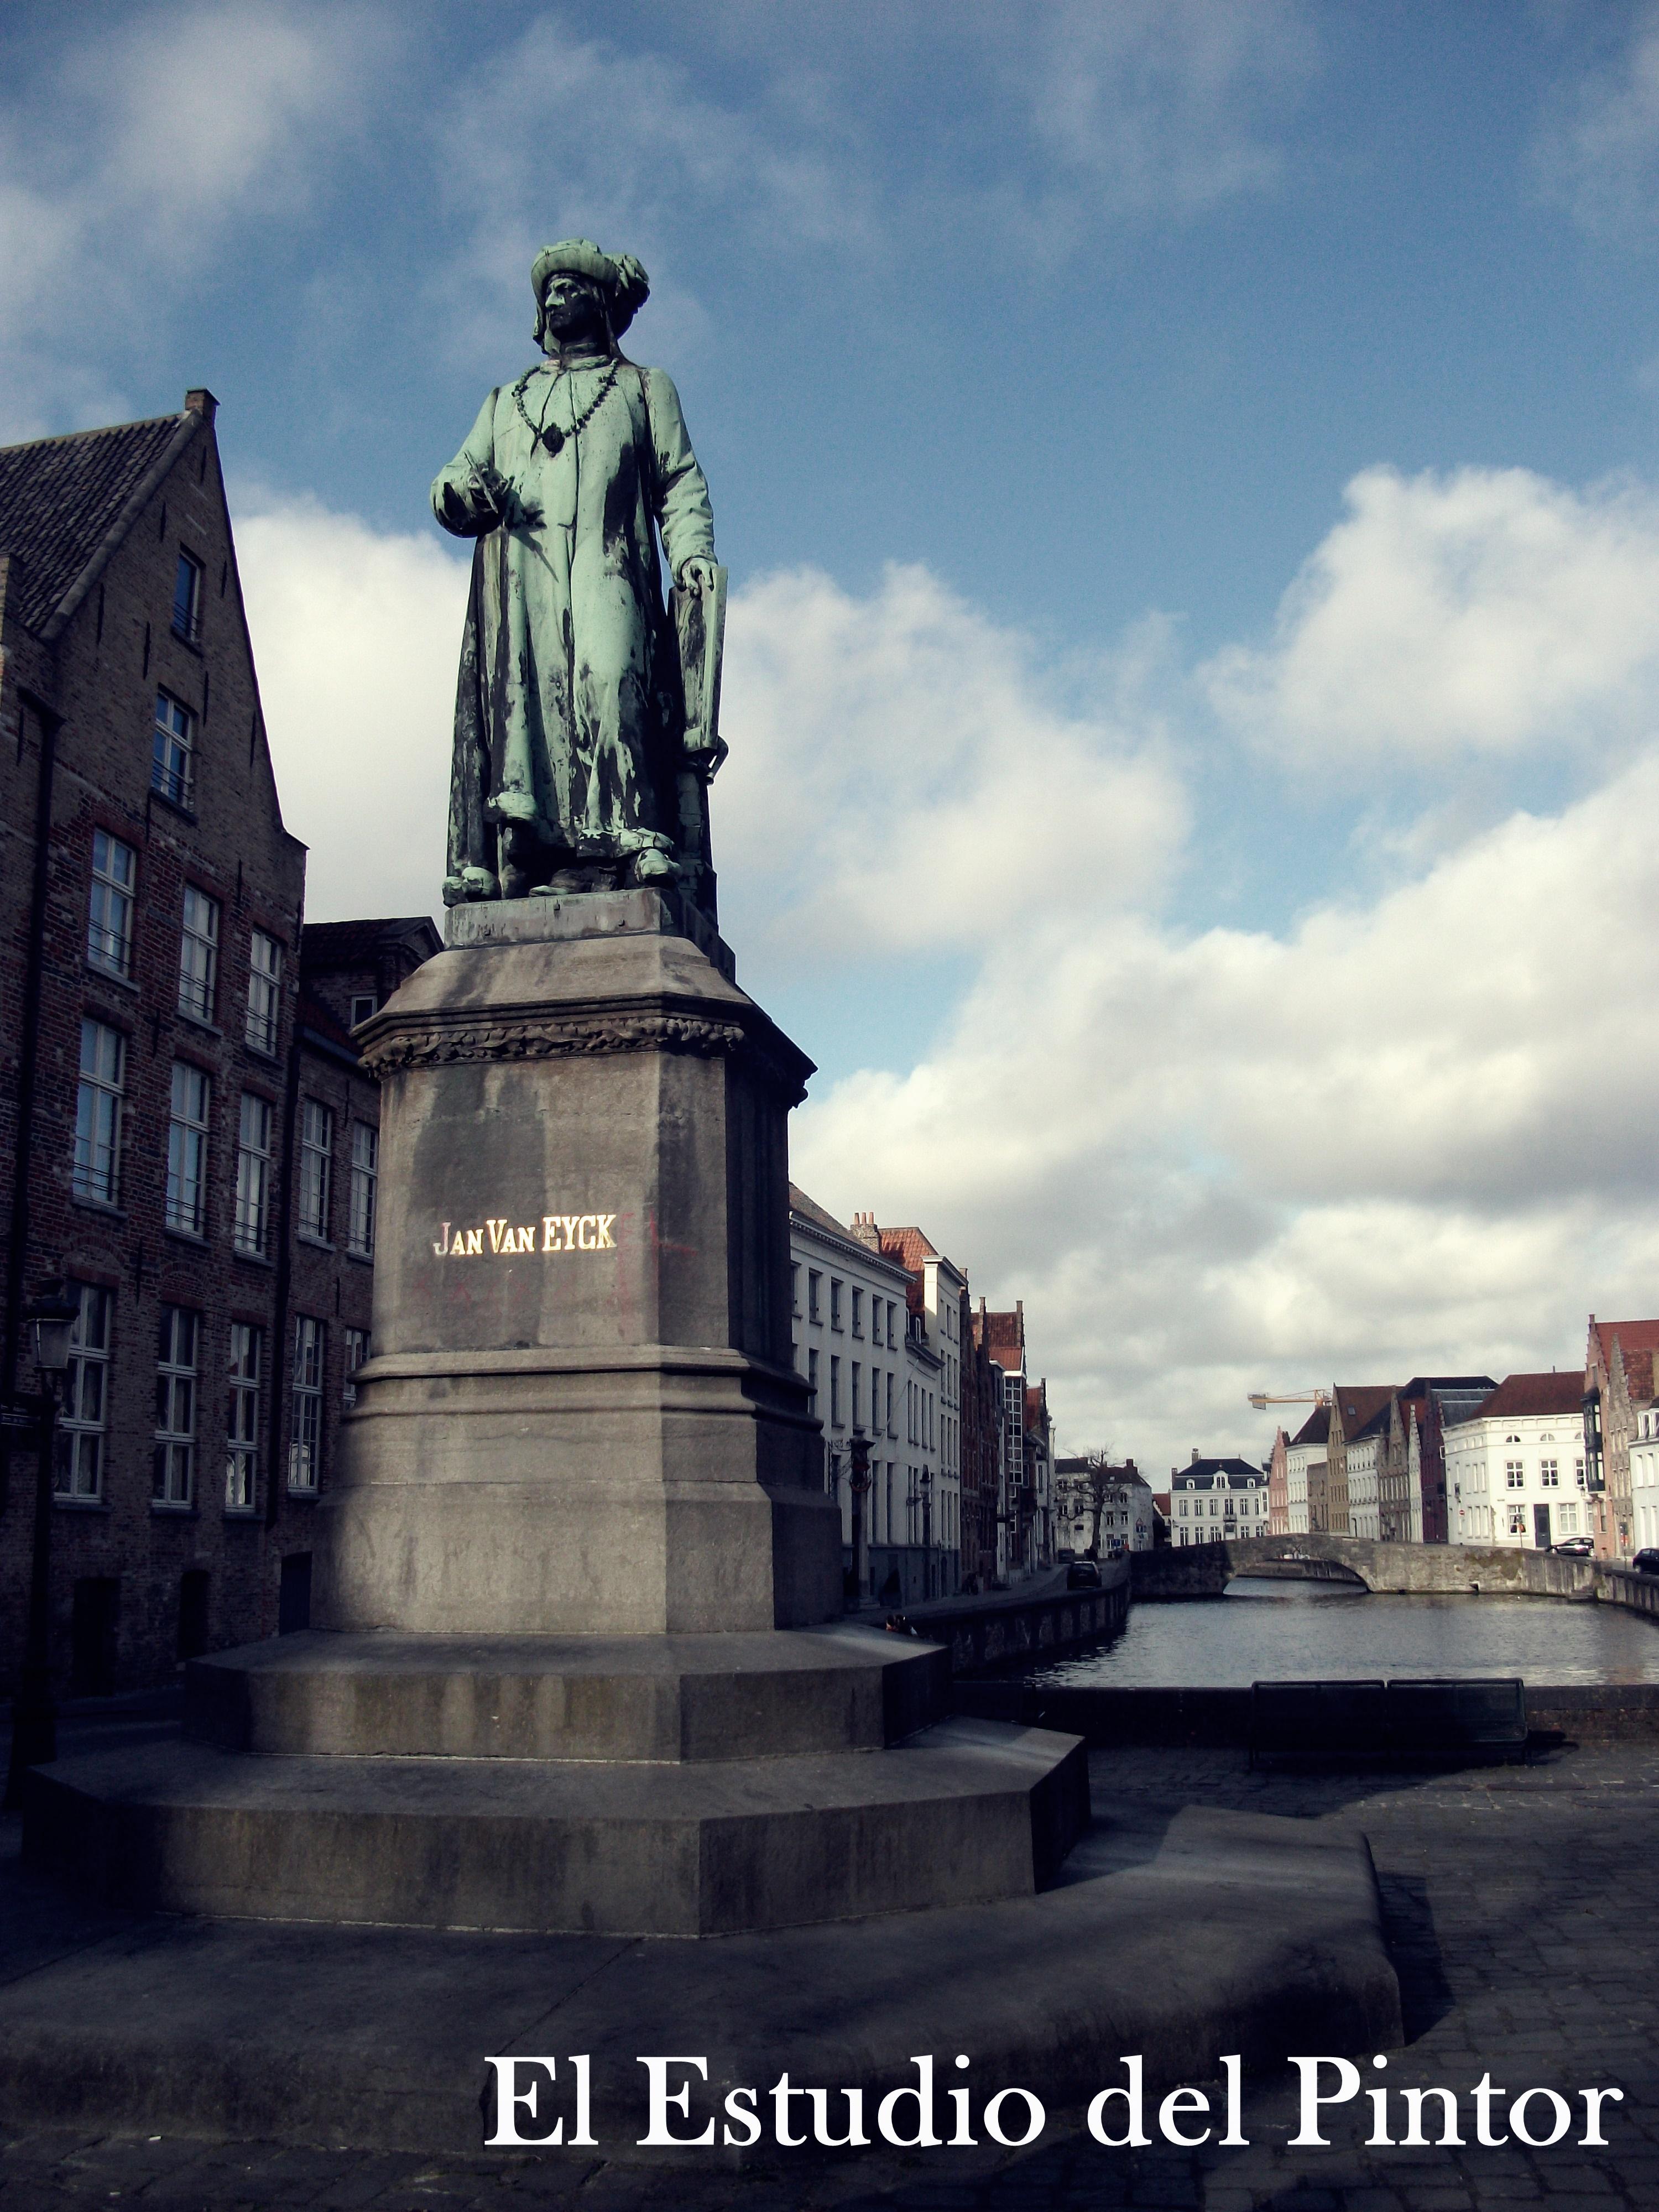 6. Plaza de Jan van Eyck